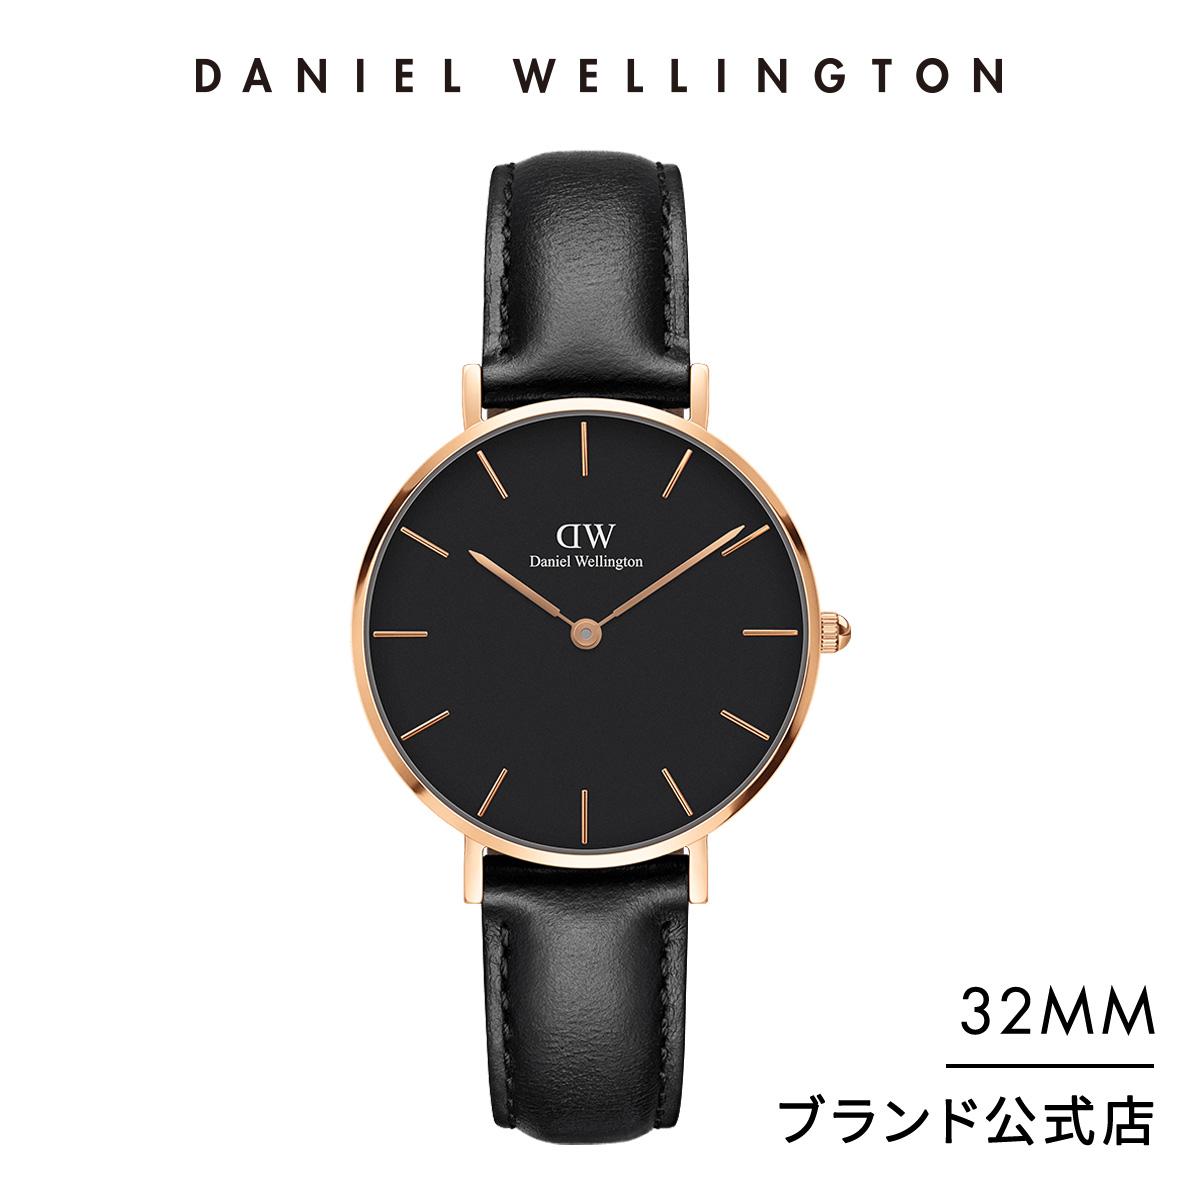 【公式2年保証/送料無料】ダニエルウェリントン公式 レディース 腕時計 Petite Sheffield Black 32mm 革 ベルト クラシック ぺティート シェフィールド ブラック DW プレゼント おしゃれ インスタ映え 母の日